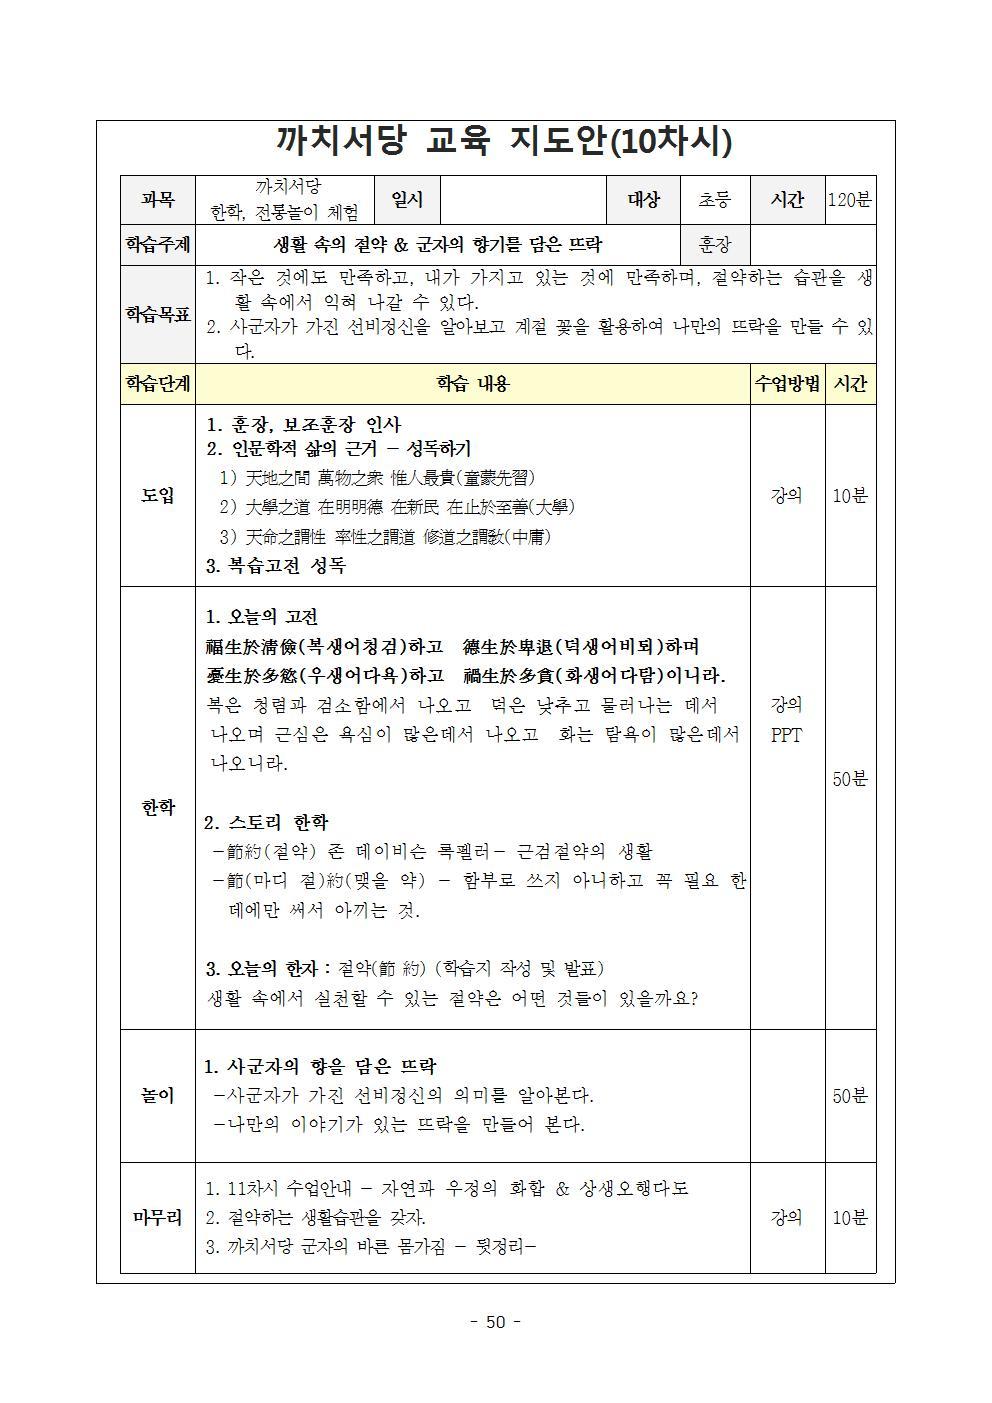 [인증]인성교육프로그램 인중 신청-까치서당(까치서당에서 군자되다)한국지역사회교육협의회 추가서류수정050.jpg